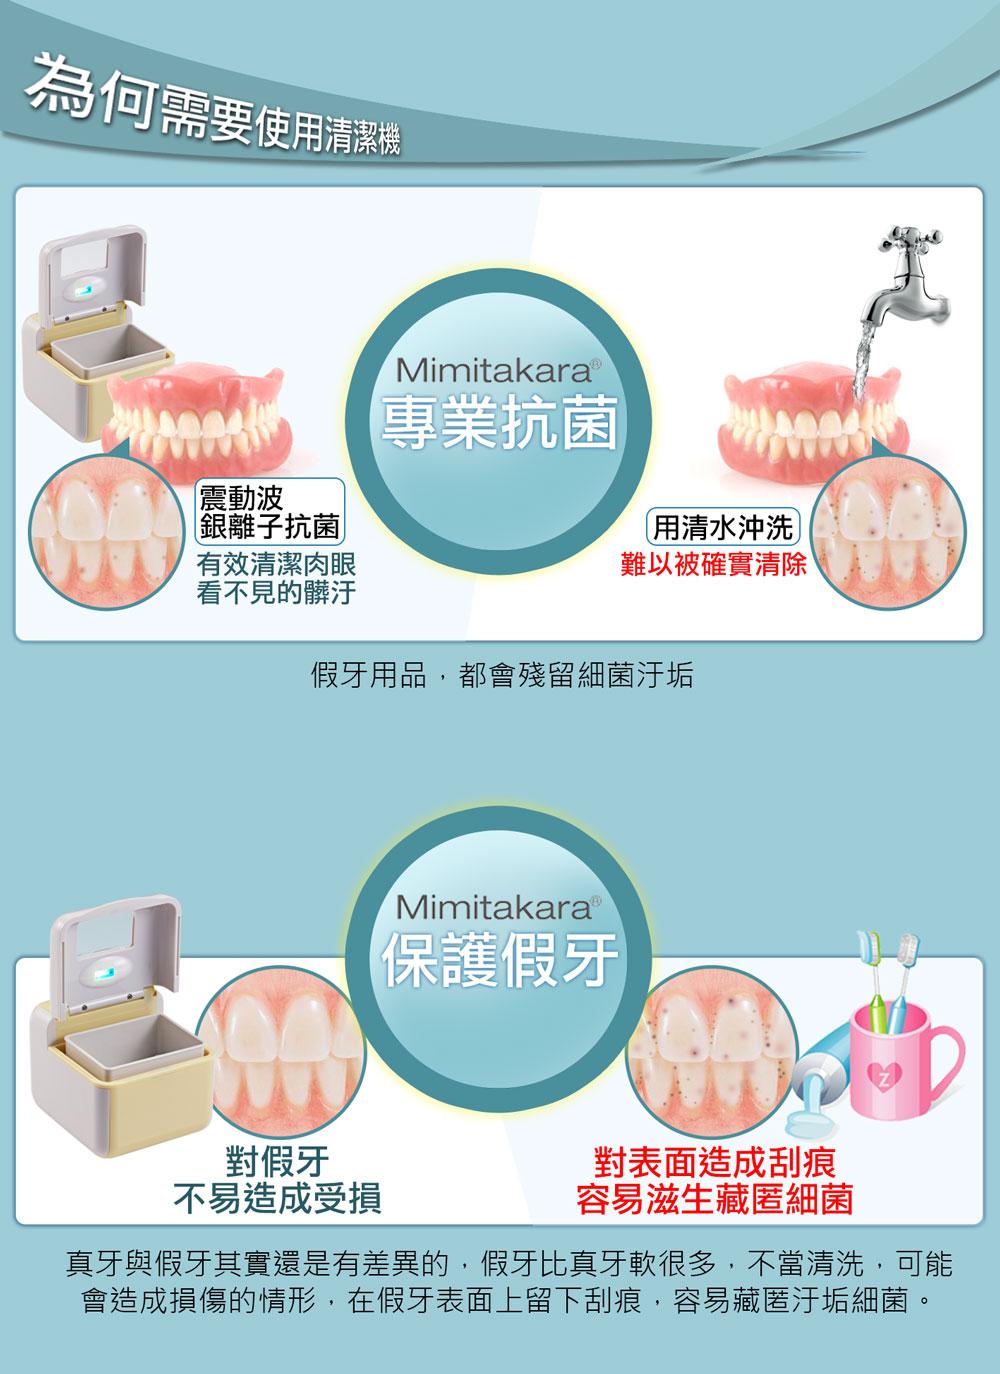 元健大和、假牙清潔、Mimitakara、保潔淨、MT-32A、牙套清潔、牙套清潔、超音波清潔